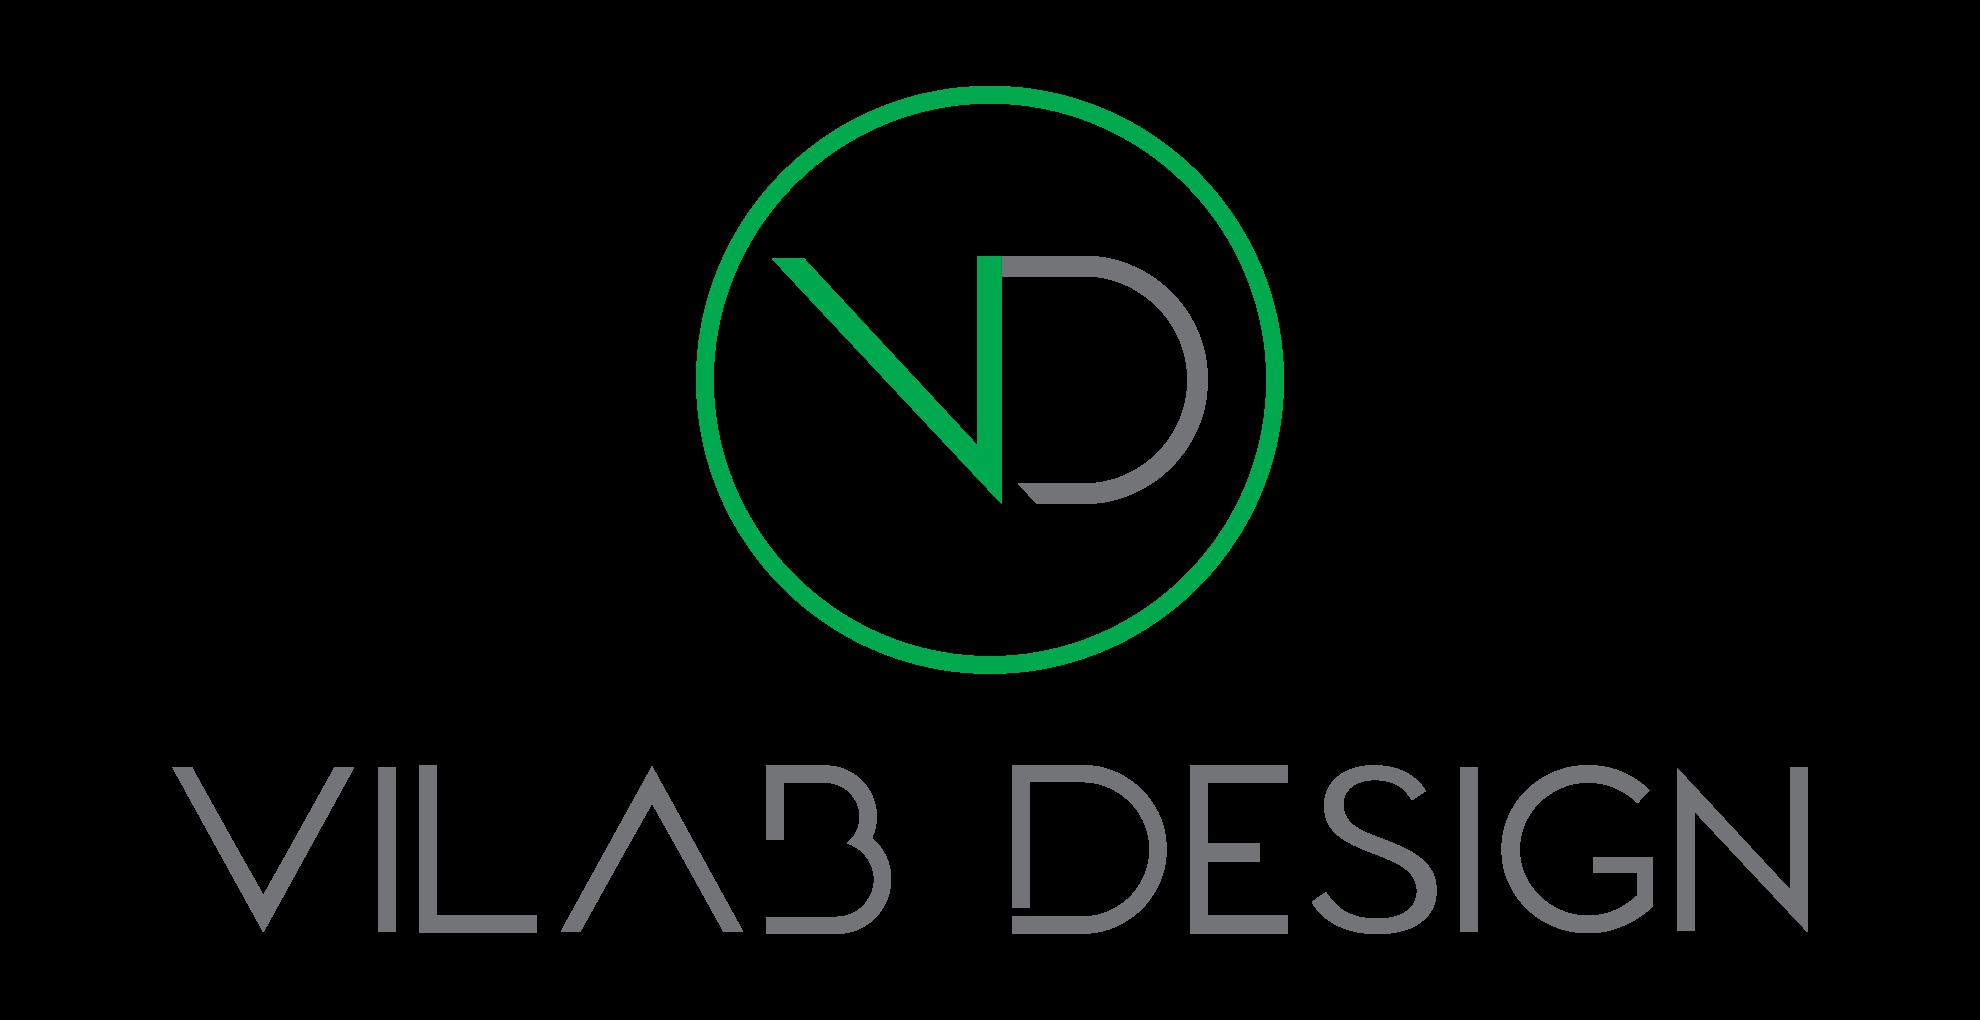 Vilab Design